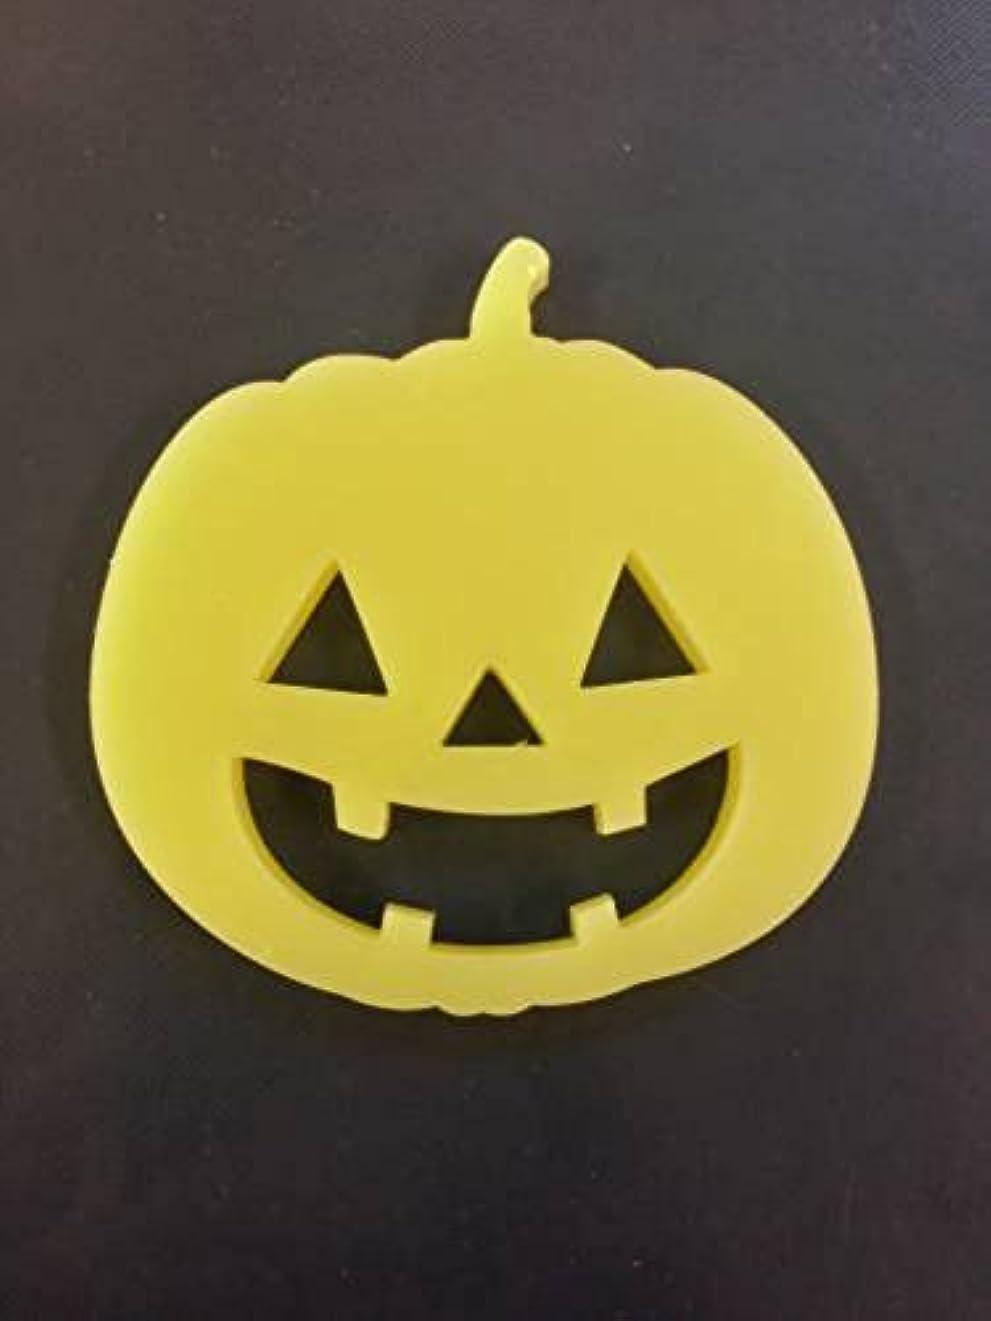 酔うフォルダジョージスティーブンソンGRASSE TOKYO AROMATICWAXチャーム「ハロウィンかぼちゃ」(YE) ベルガモット アロマティックワックス グラーストウキョウ